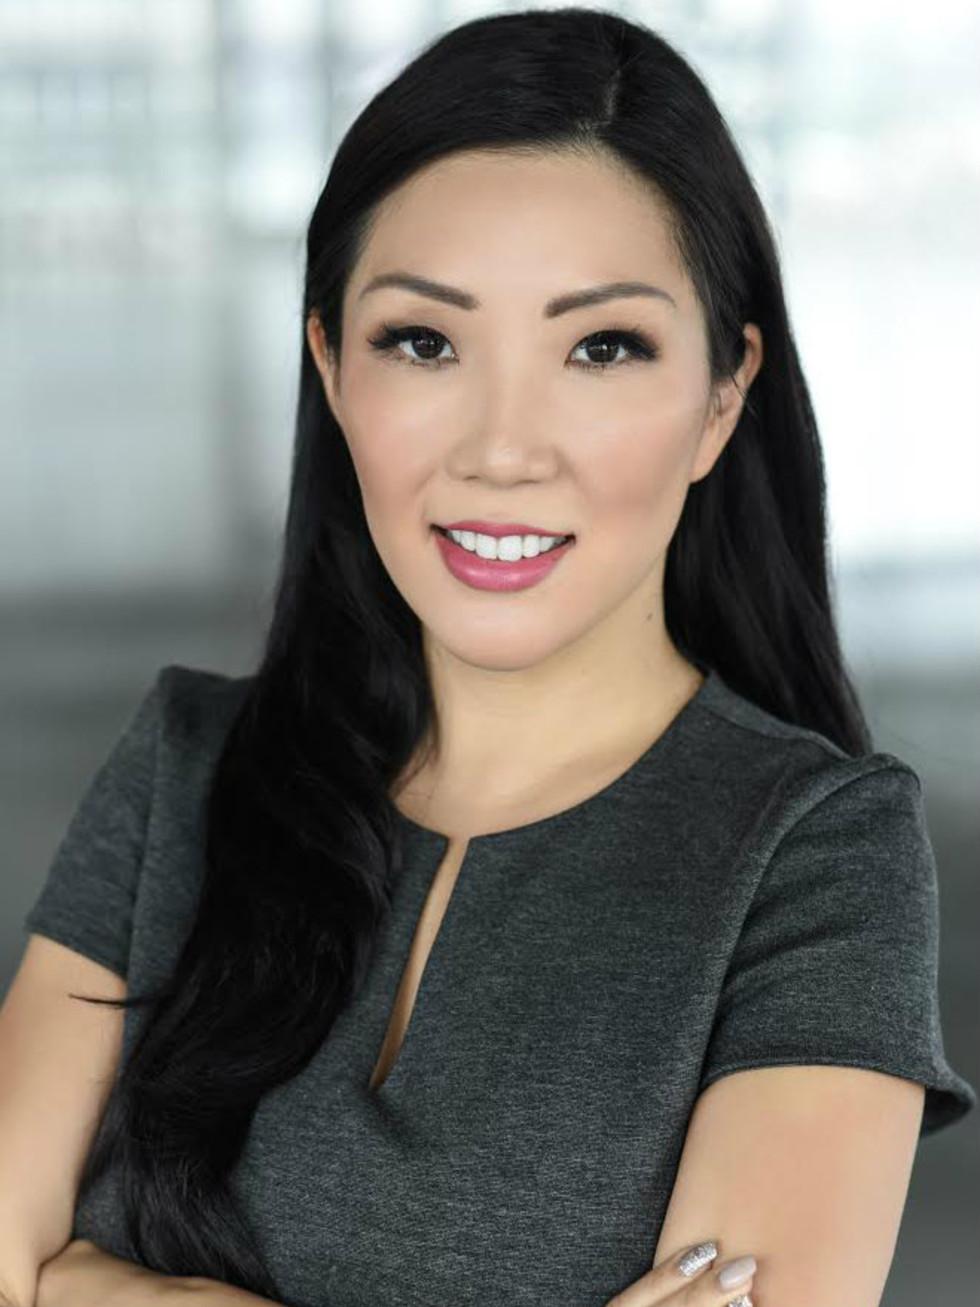 Houston real estate agent Julia Wang